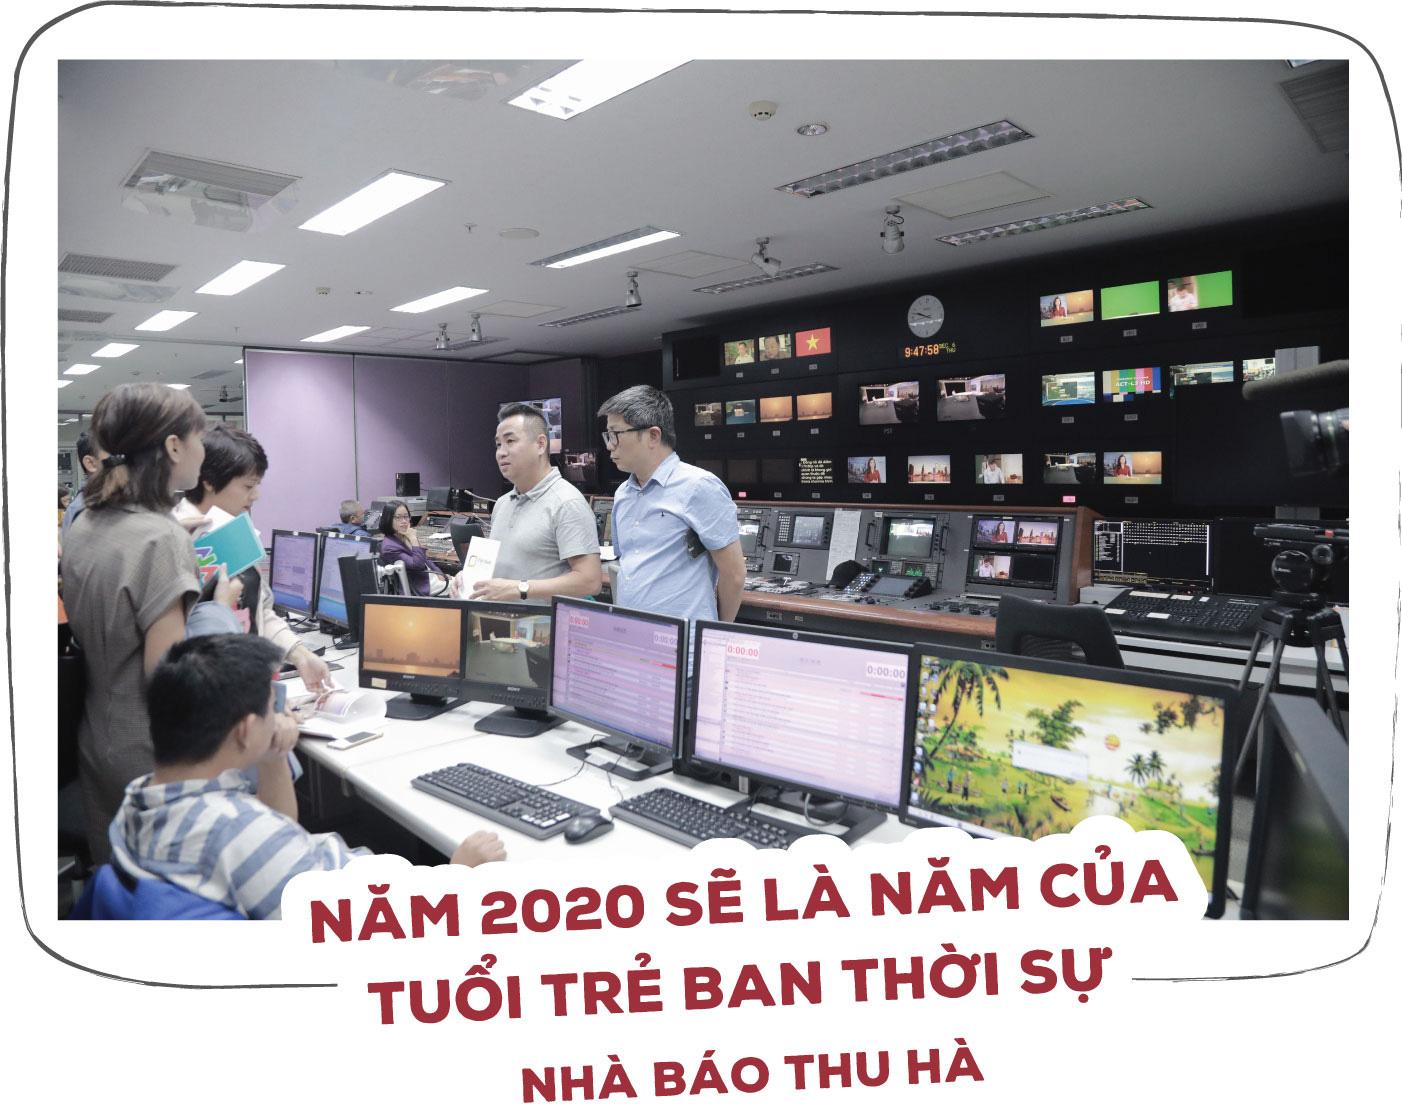 Năm 2020, Thời sự VTV thêm nhiều đổi mới thu hút khán giả - Ảnh 10.